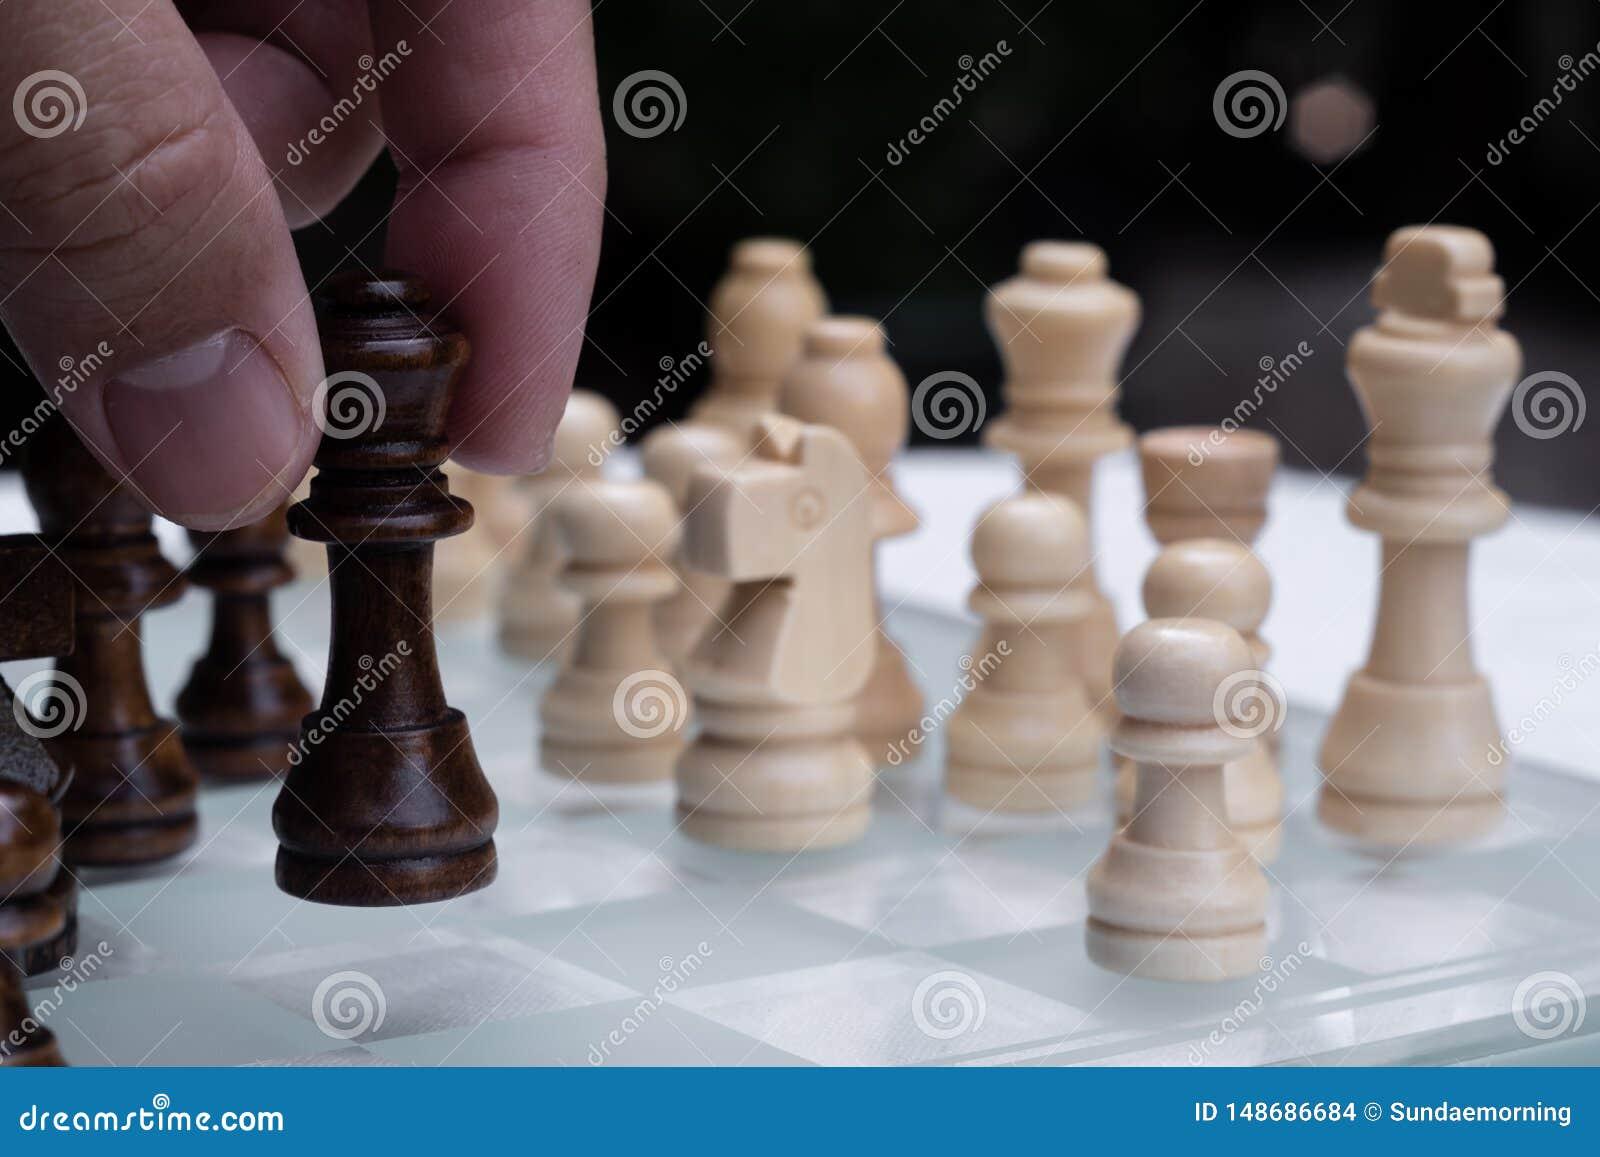 Szachowa gra planszowa, biznesowy konkurencyjny poj?cie, spotyka trudn? sytuacj?, przegrywanie i wygranie,